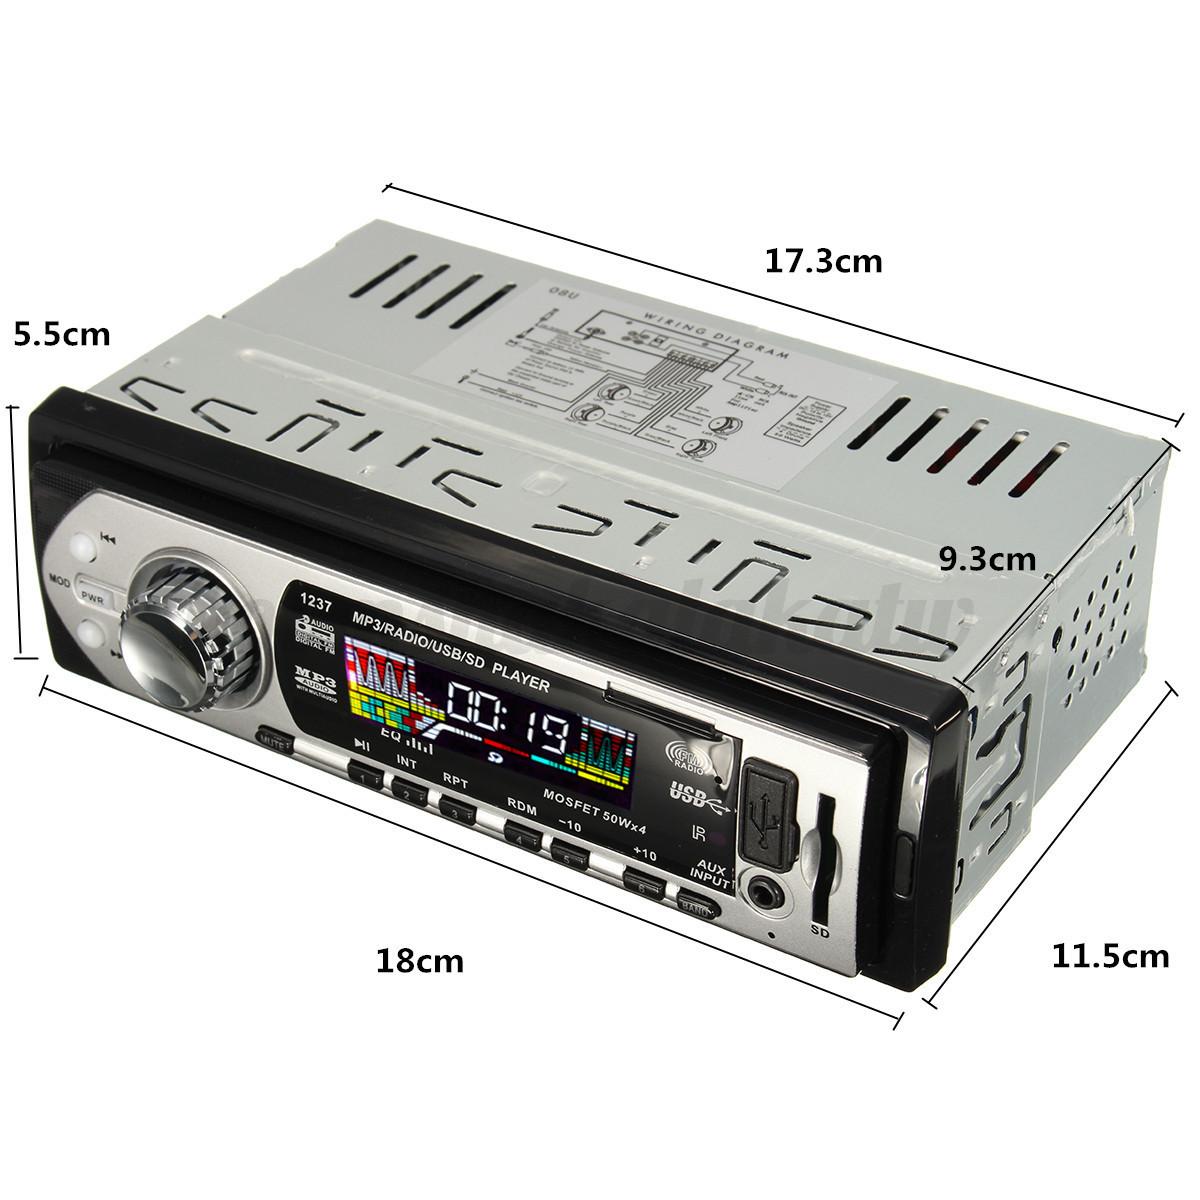 Slot audio